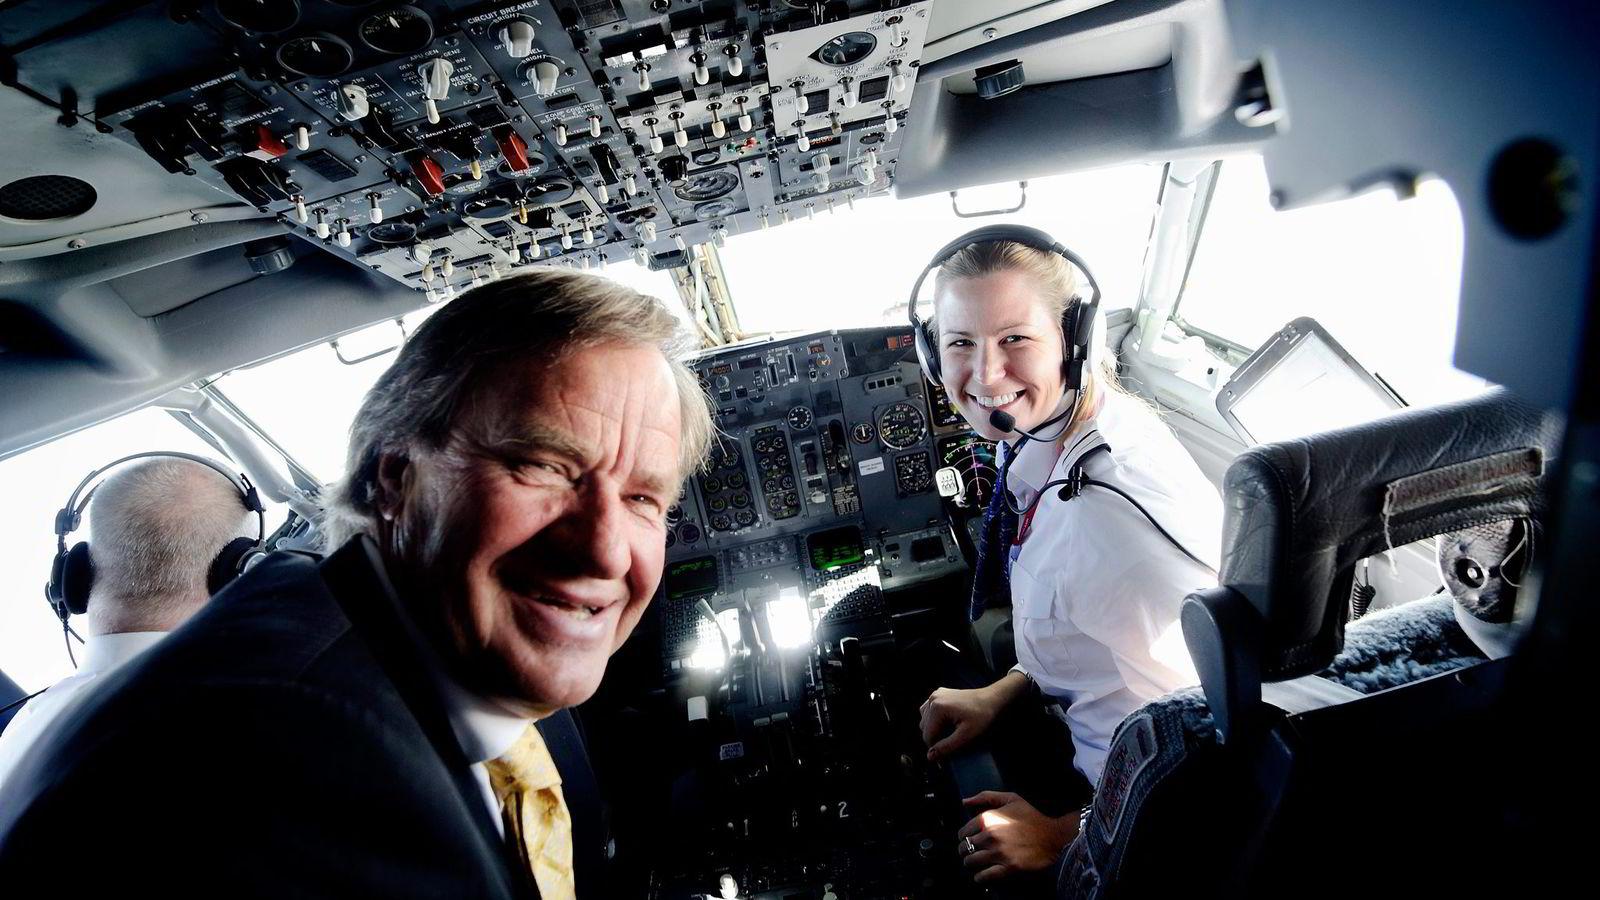 OSLO 20110414 Anna Helene Kjos er datter av Norwegian-sjef Bj¯rn Kjos, og pilot i samme selskap. VG er med til Stockholm, der pappa Kjos er passasjer.               FOTO: KRISTIAN HELGESEN /